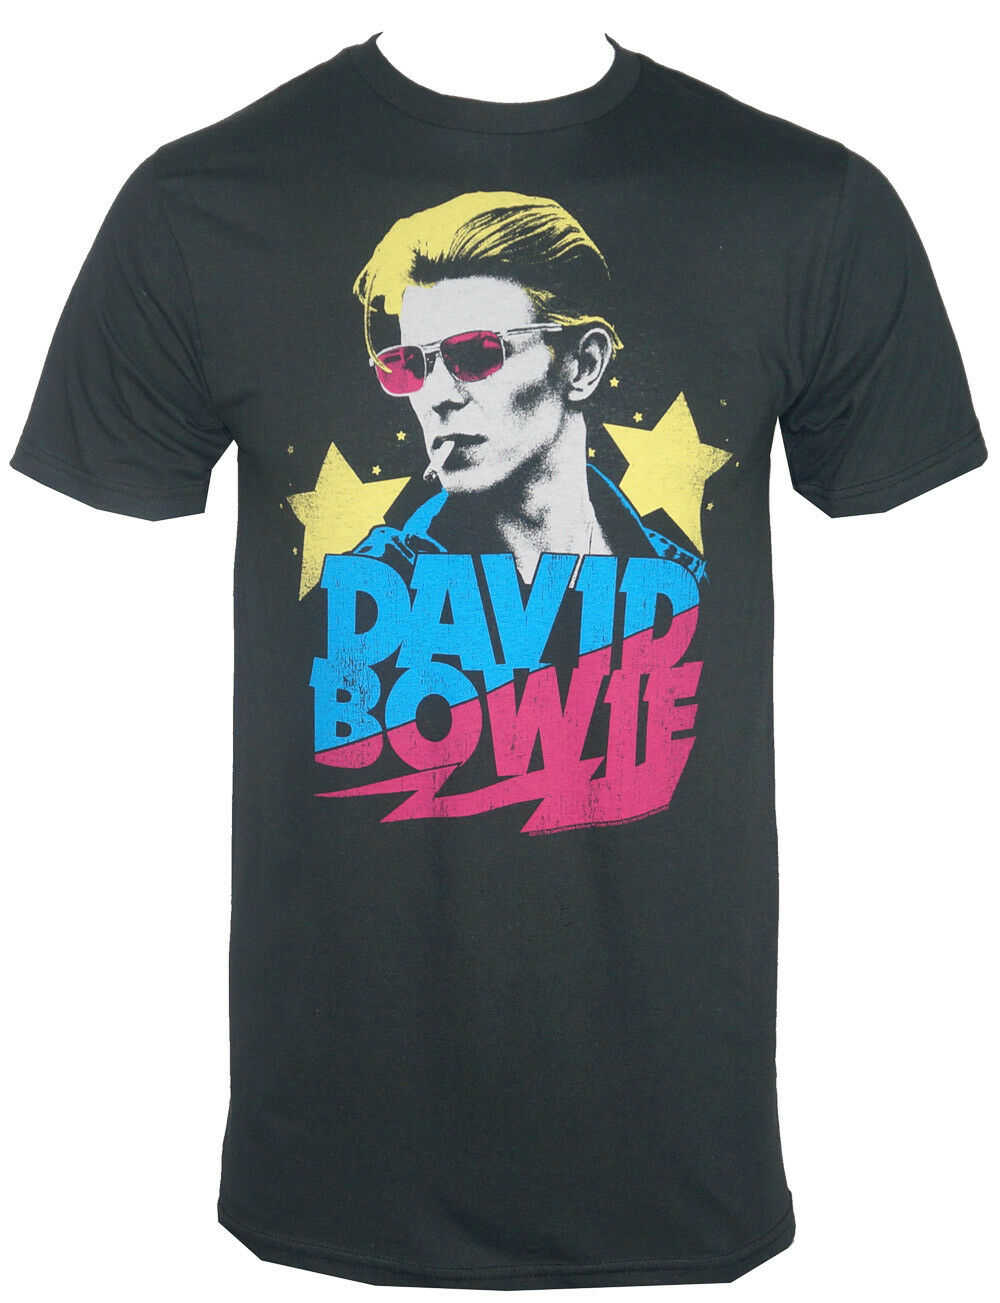 Camiseta auténtica con Logo de David Bowie Starman con foto de fumador, Camiseta de algodón para S-3xl, nuevo verano, envío gratis, camiseta a la moda para hombre